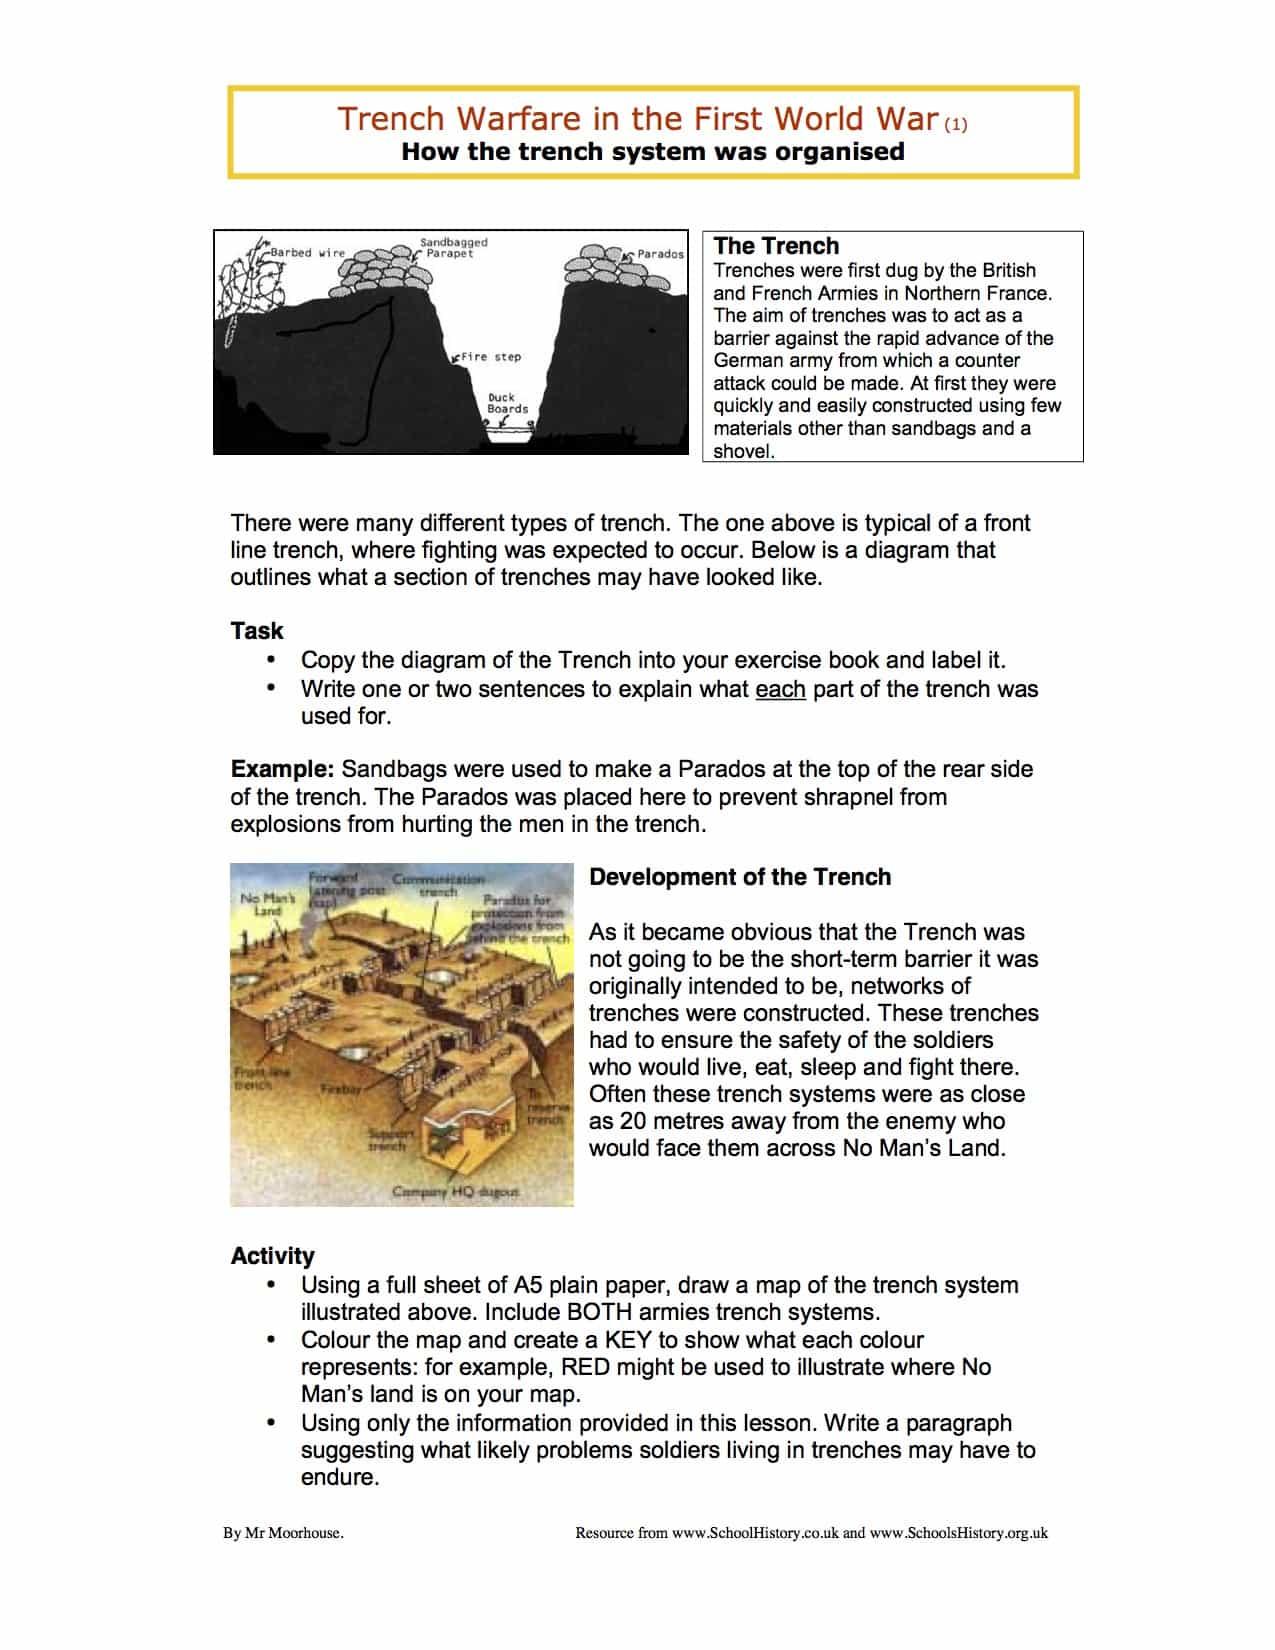 First World War Worksheet